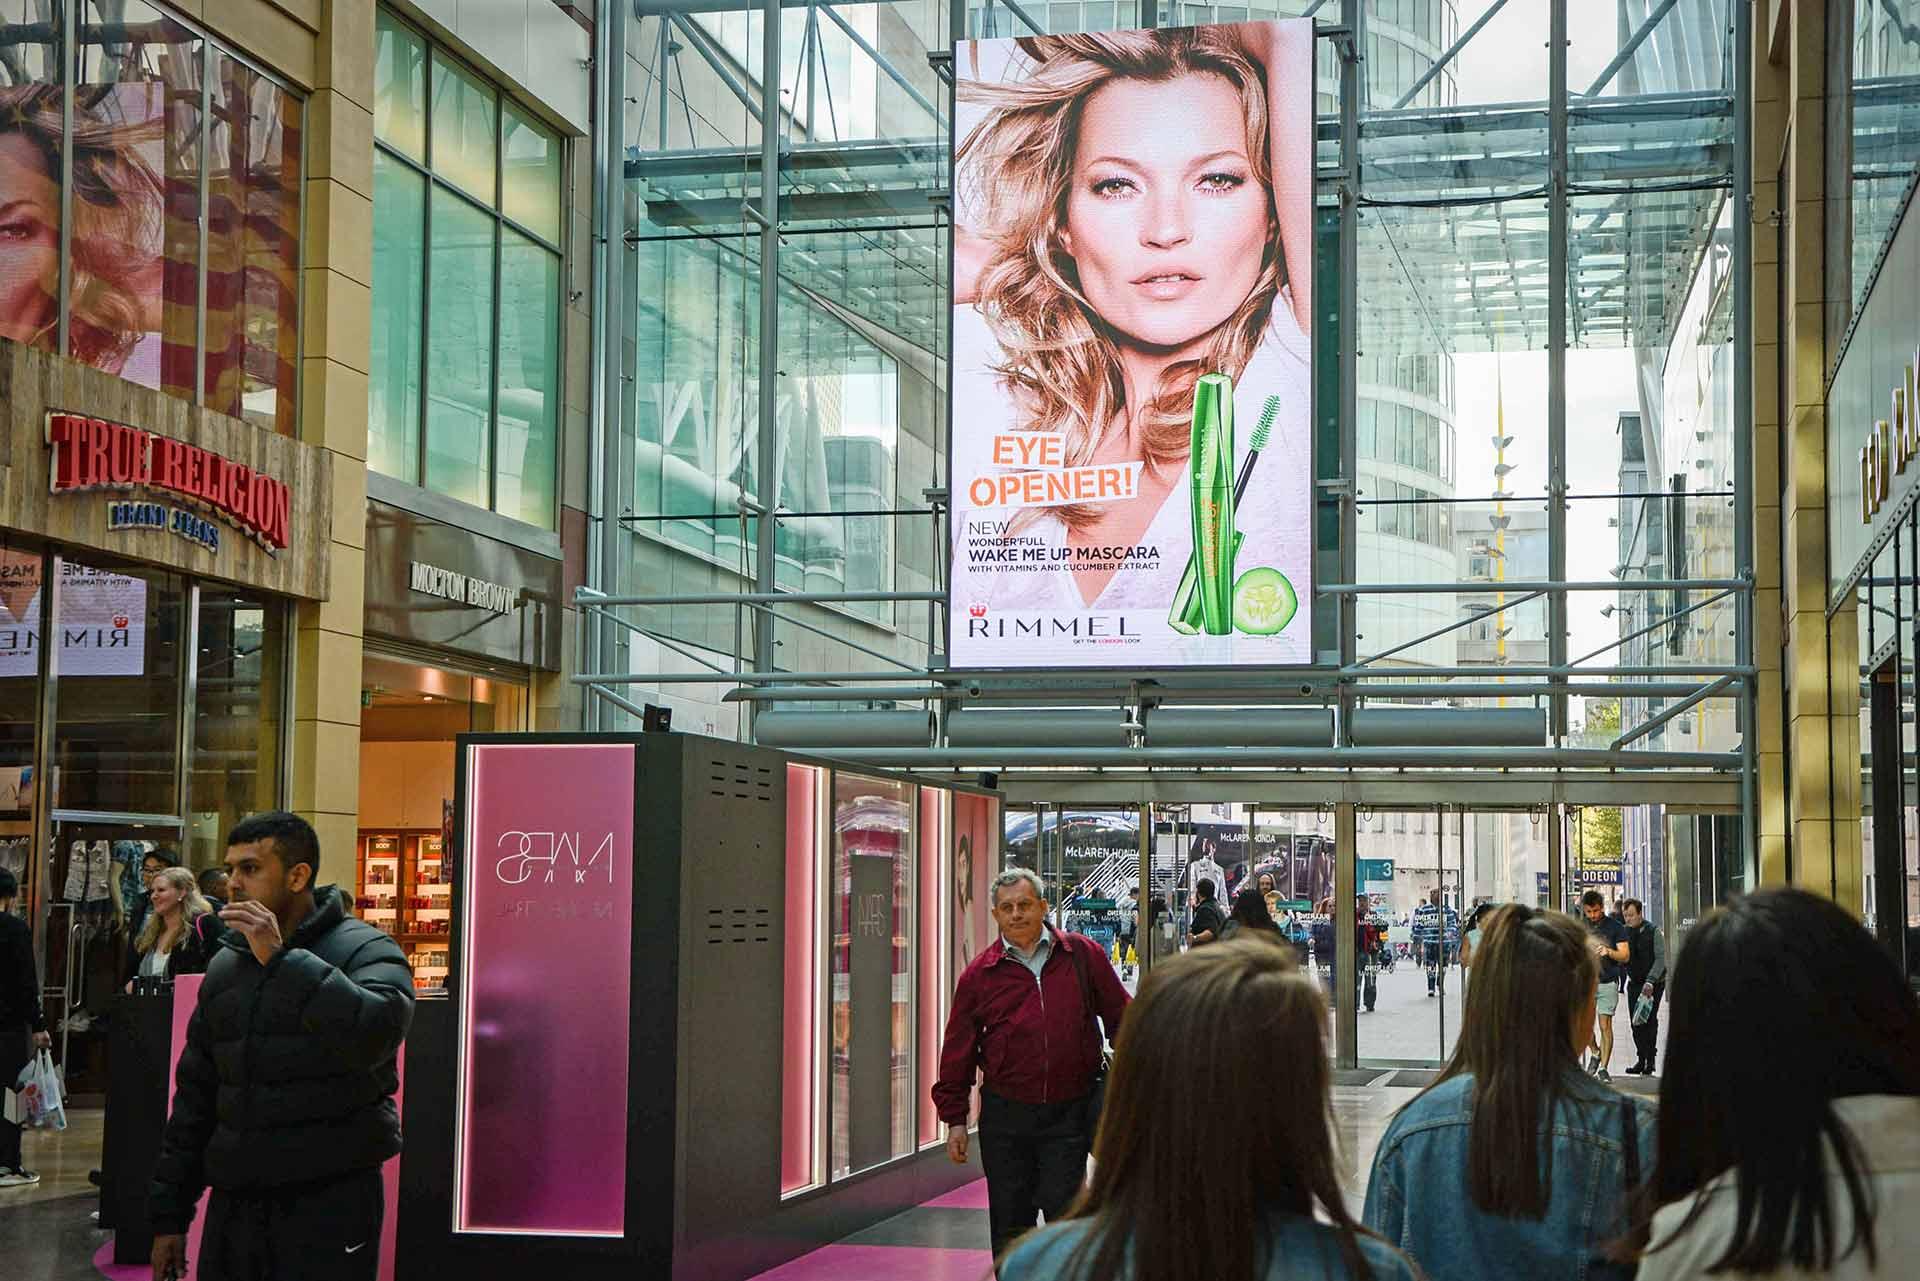 Bullring & Grand Central Birmingham DOOH Screen Installations